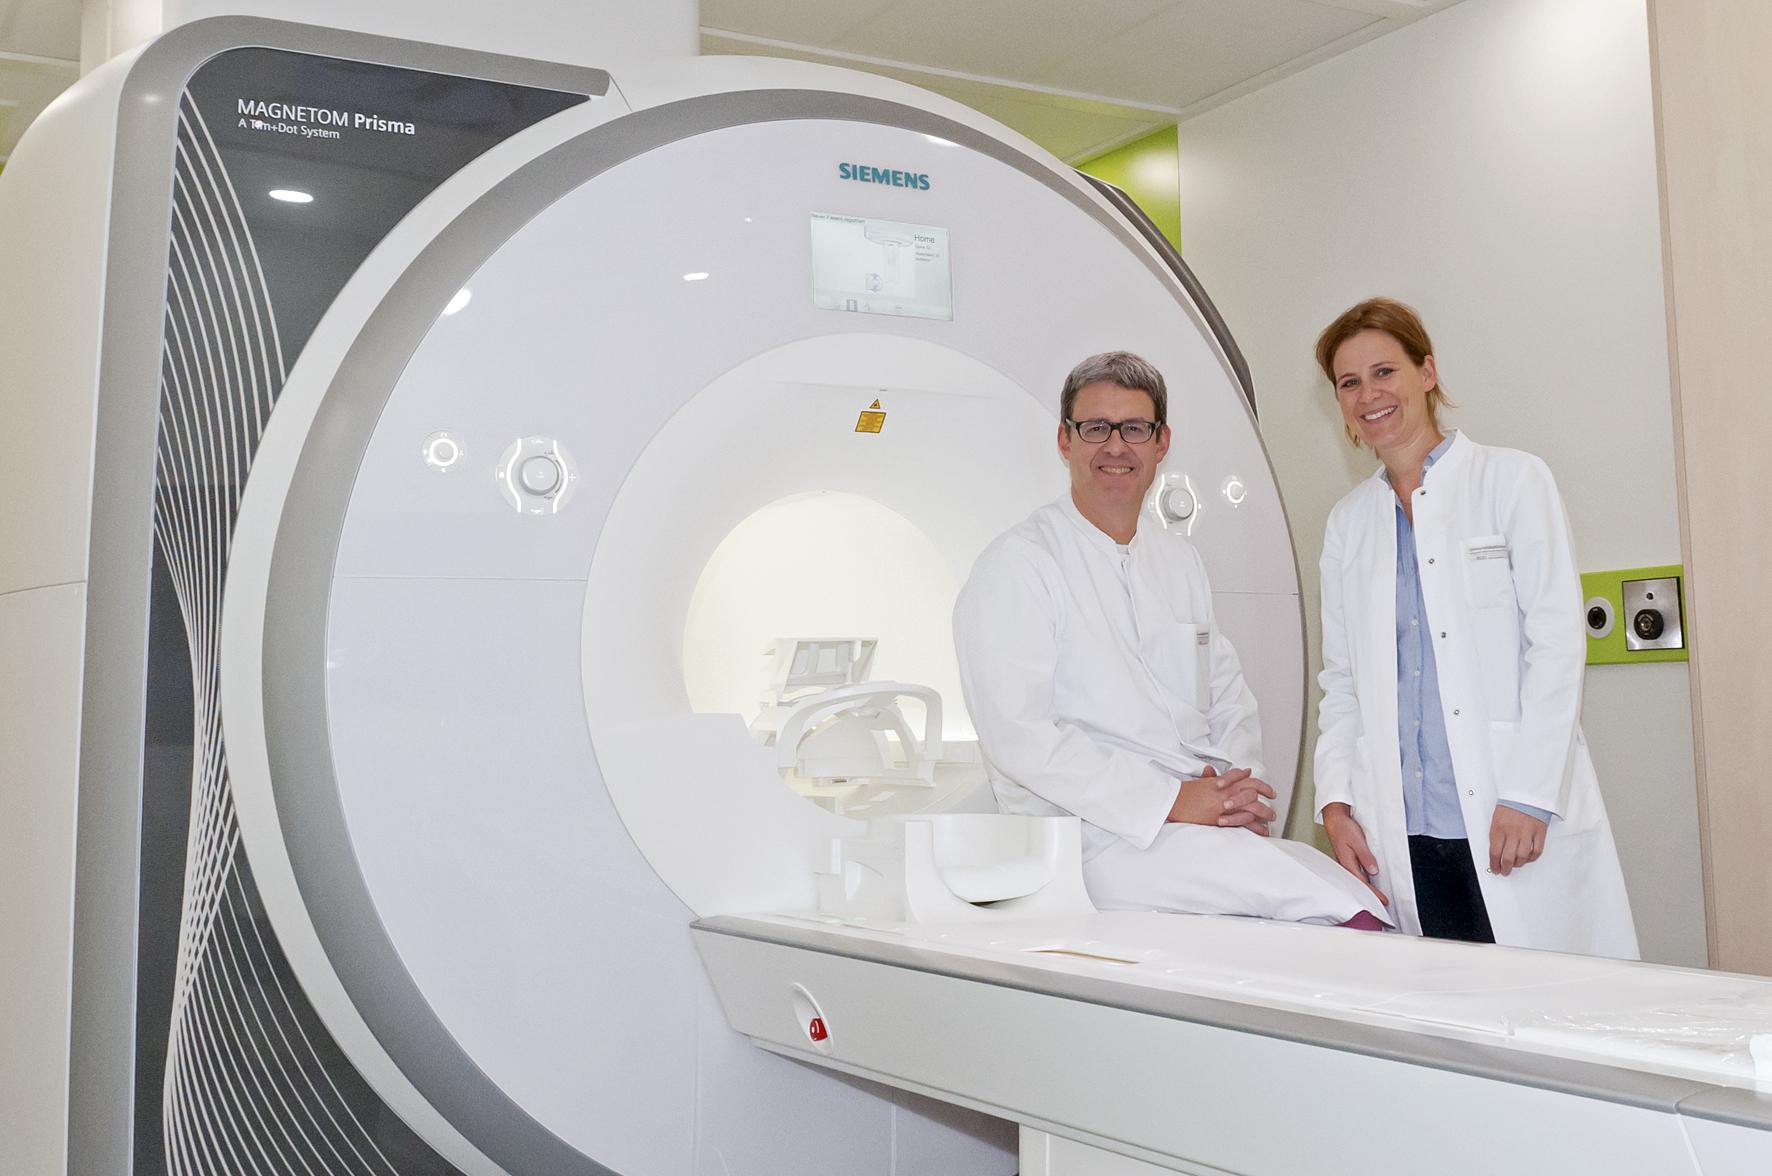 Neuer Kernspintomograph liefert hochaufgelöste Bilder vom Gehirn